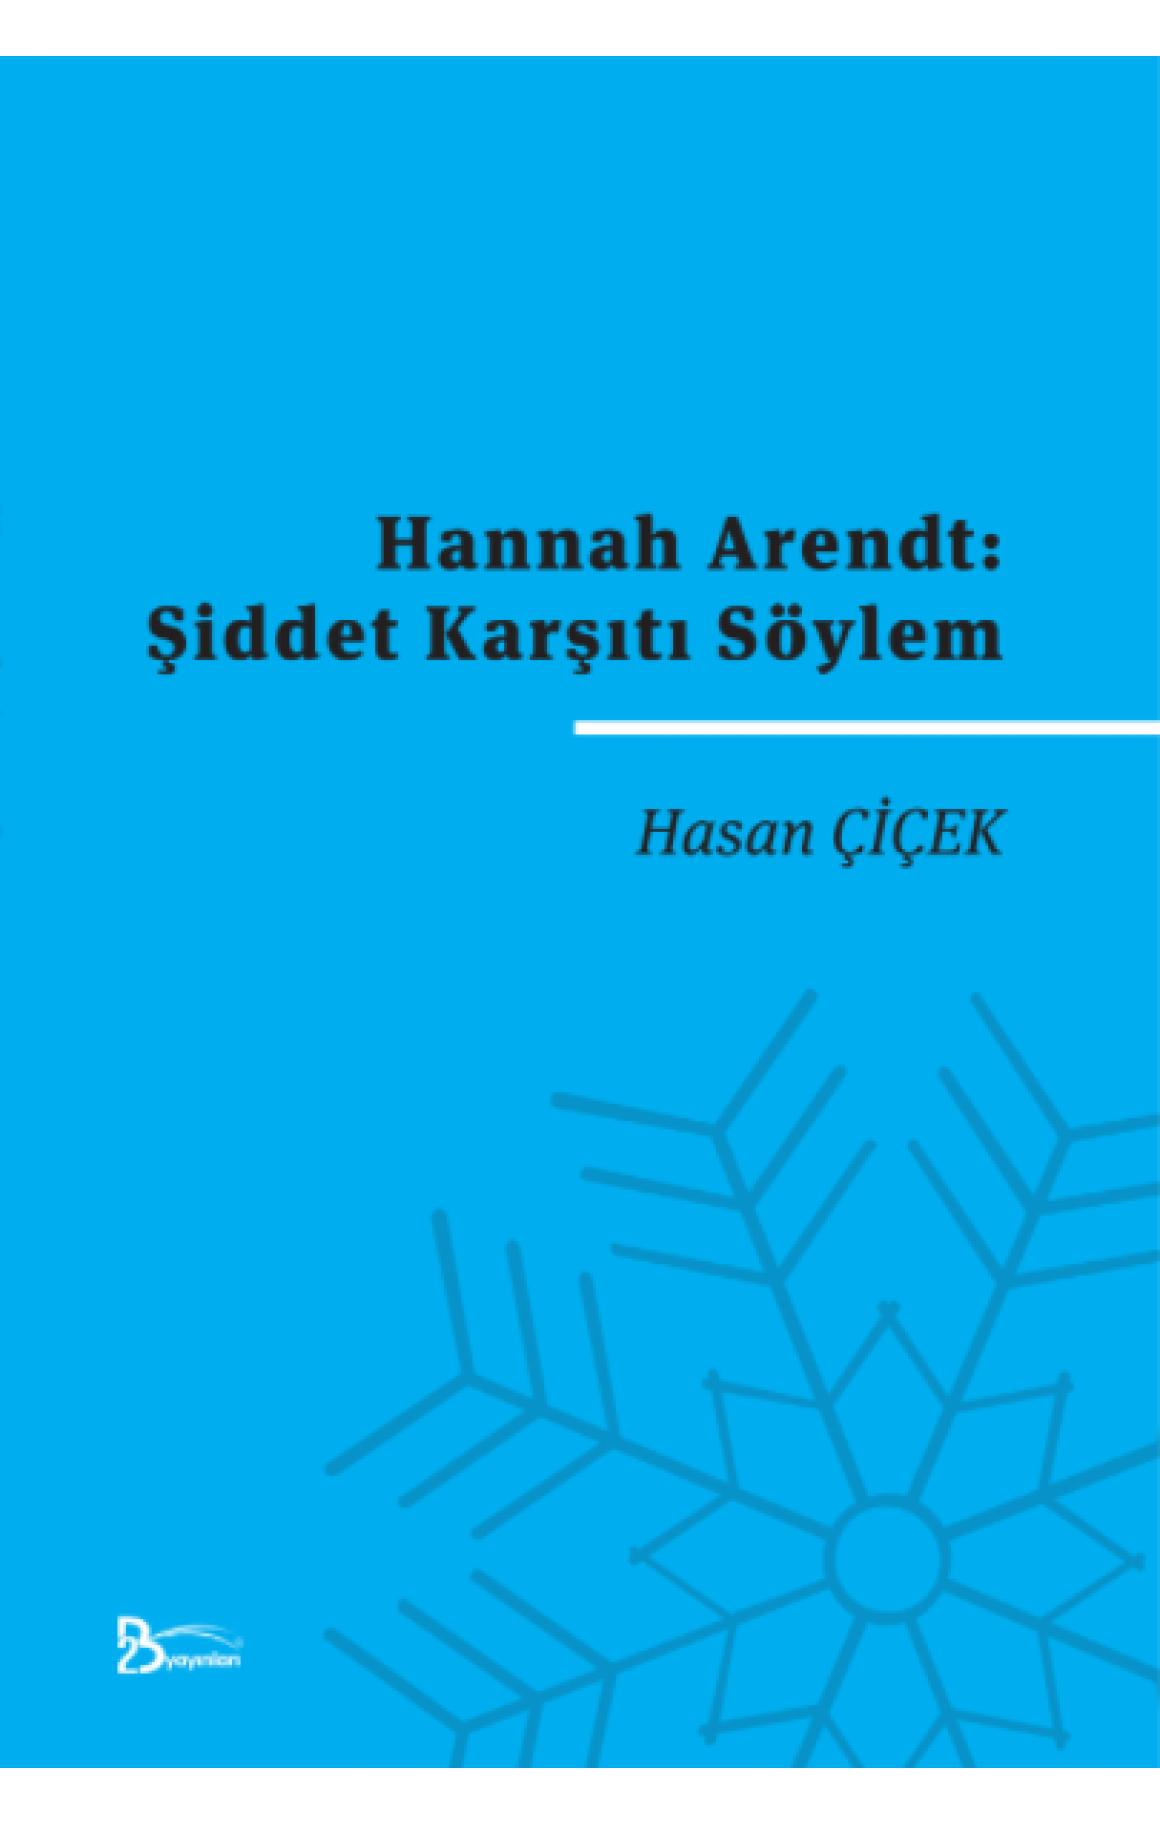 Hannah Arendt - Şiddet Karşıtı Söylem